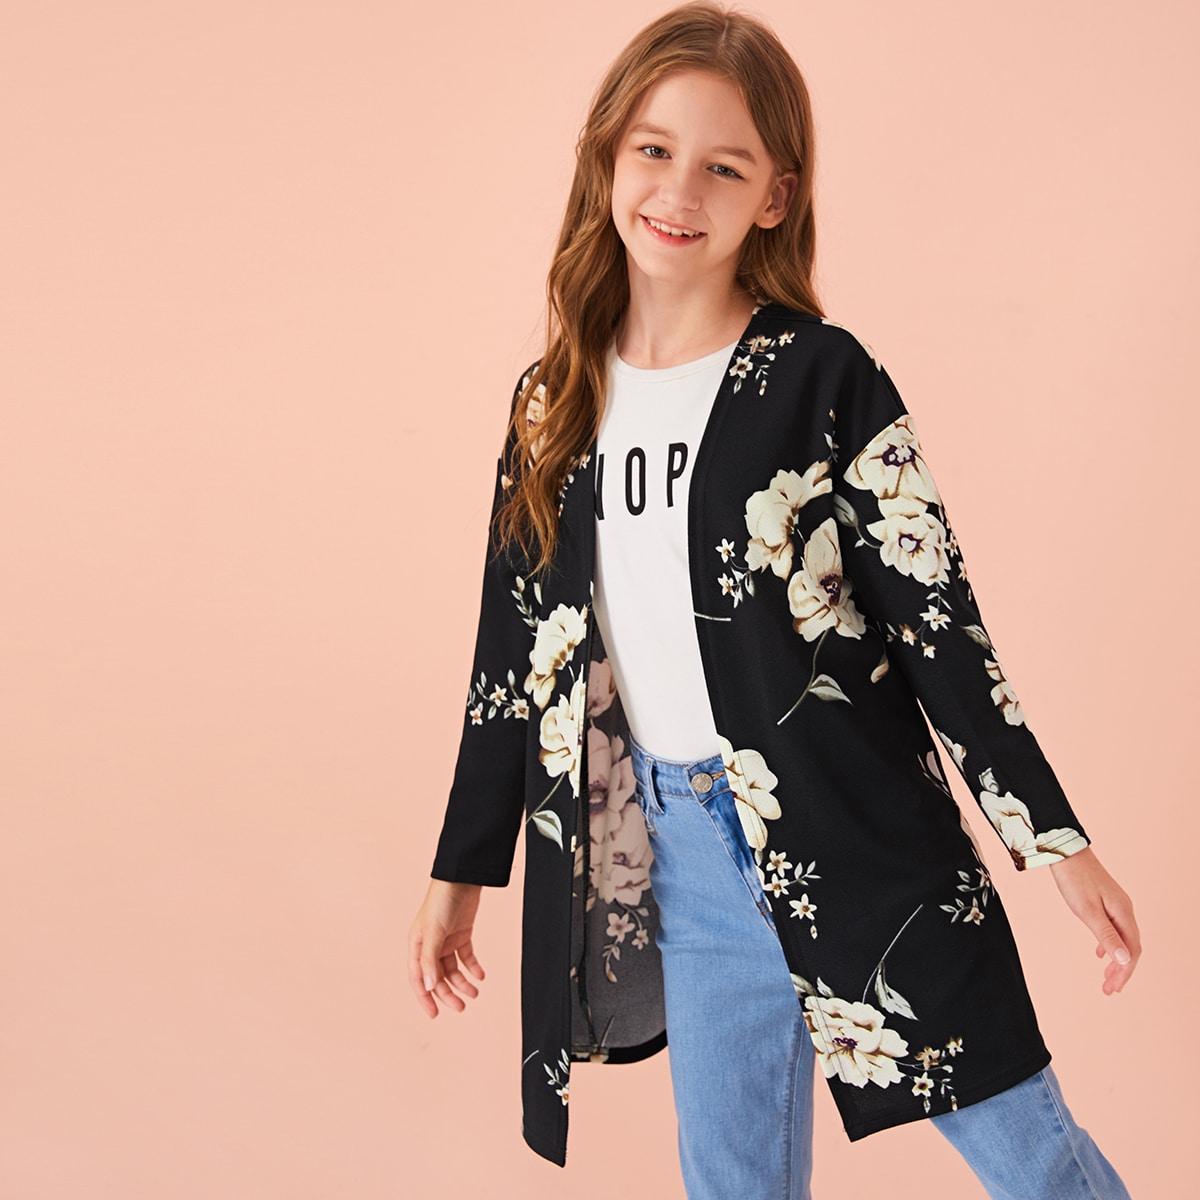 Mantel mit offener Vorderseite, sehr tief angesetzter Schulterpartie und Blumen Muster